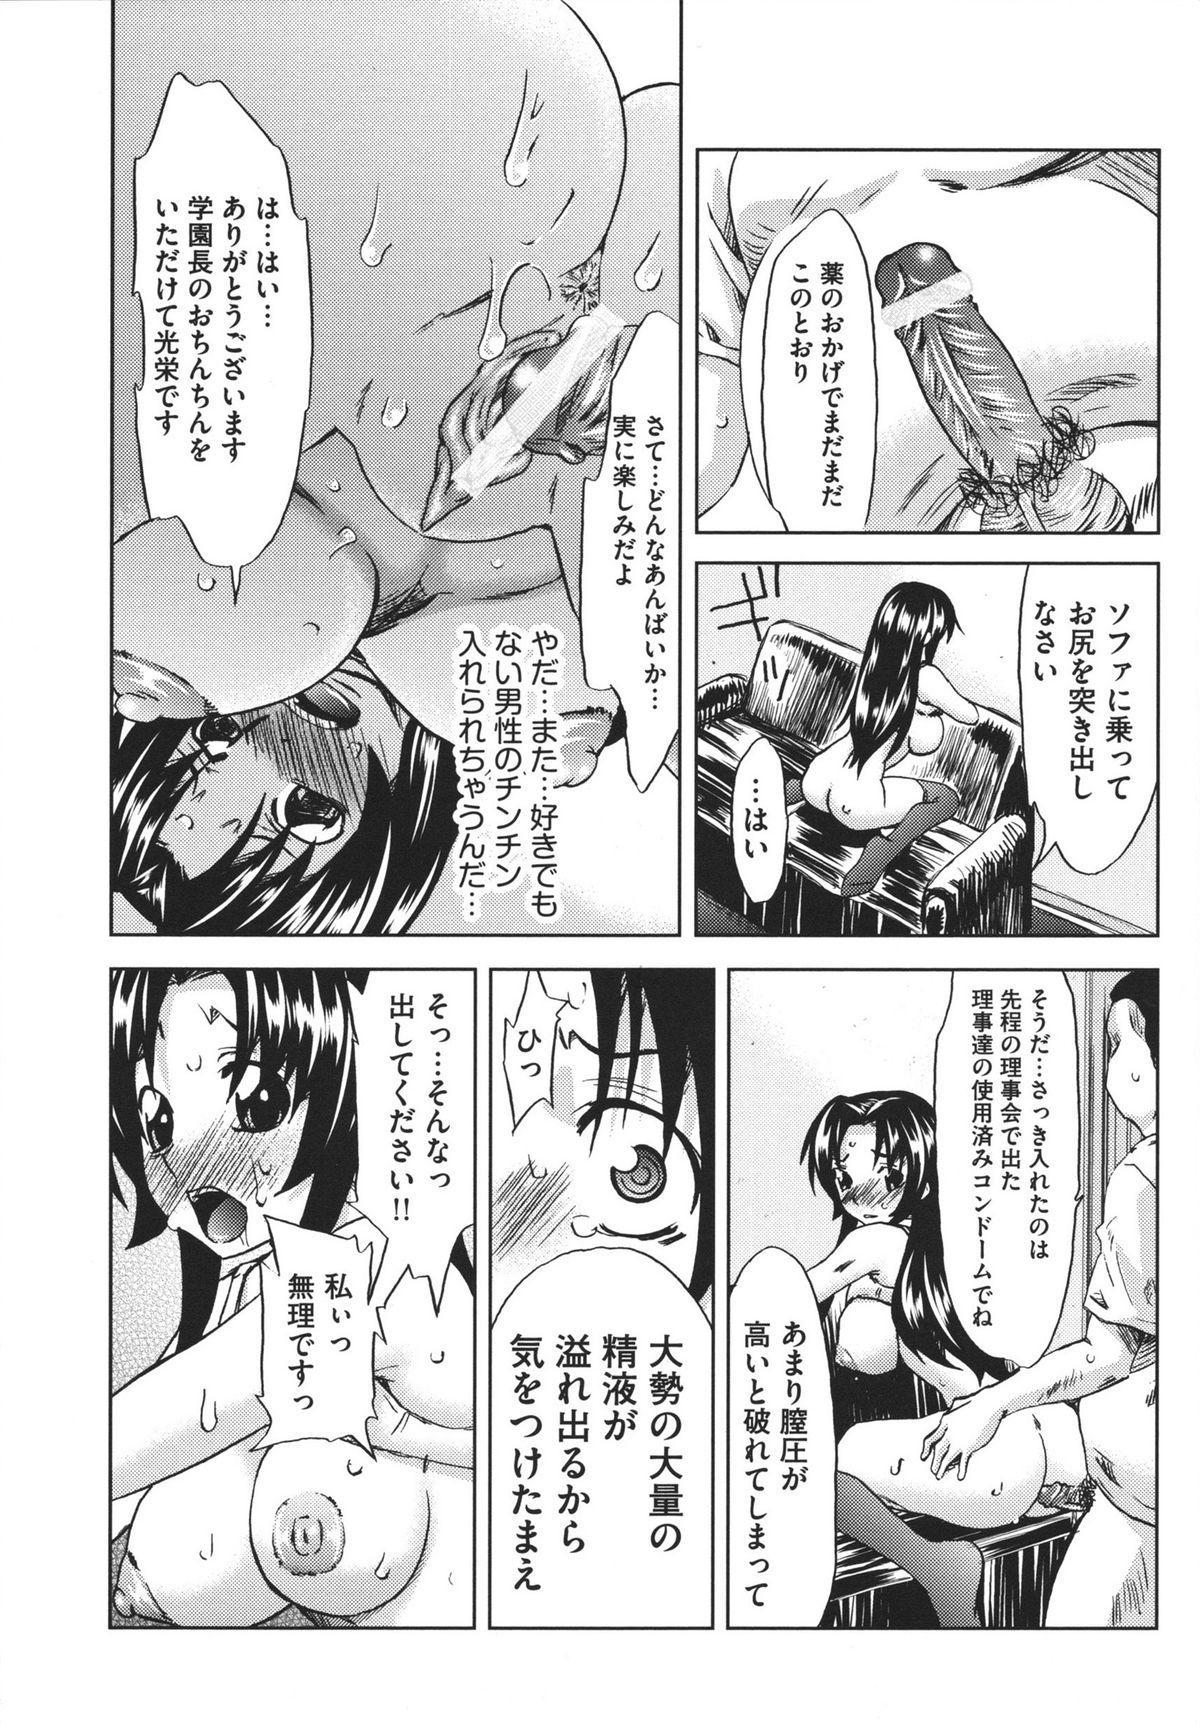 Chijoku no Sono 145